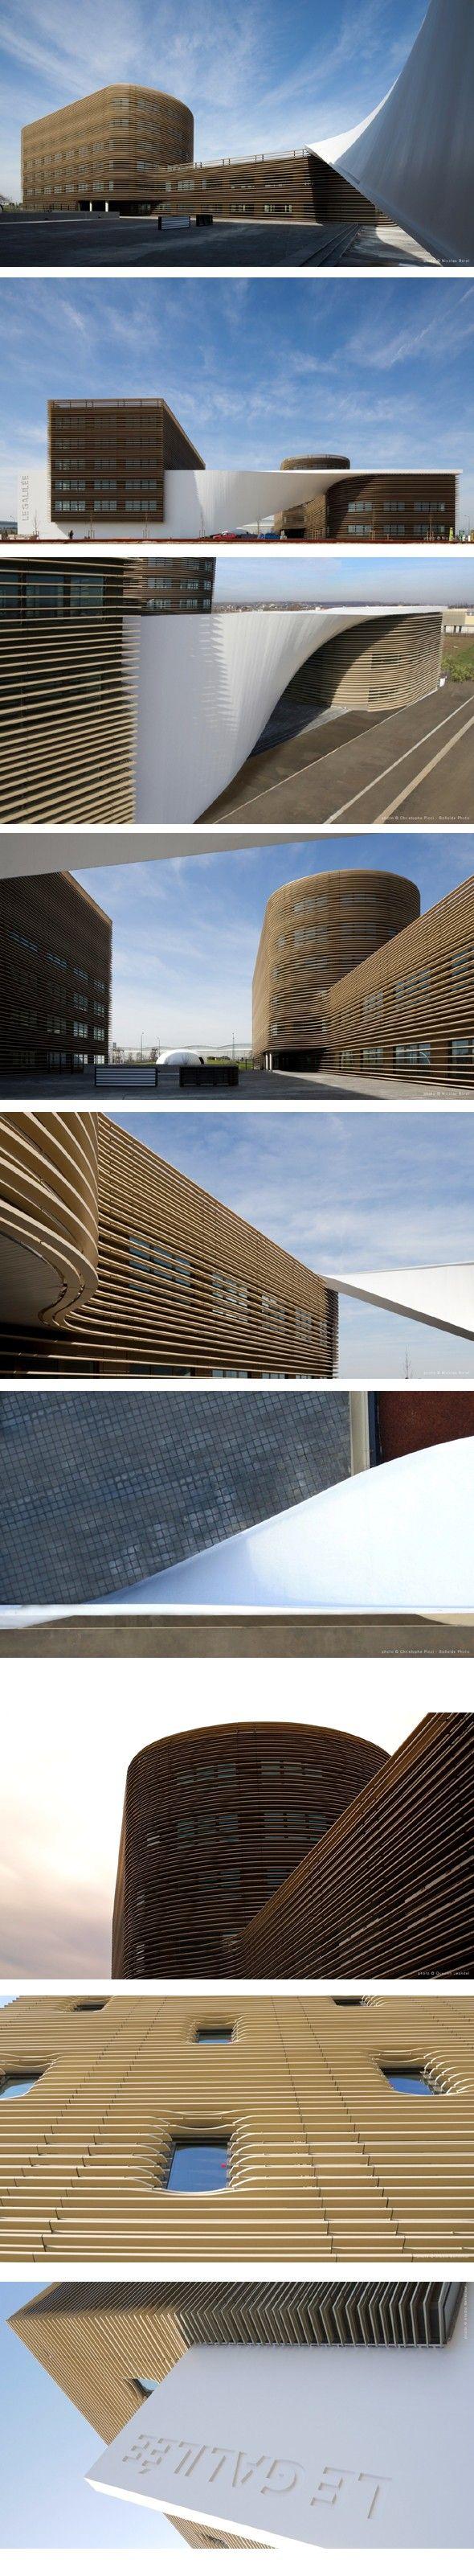 Le Galilée par le Studio Bellecour. Le Galilée a été conçu par le Studio Bellecour et fonctionne principalement comme un immeuble de bureaux. Il est placé